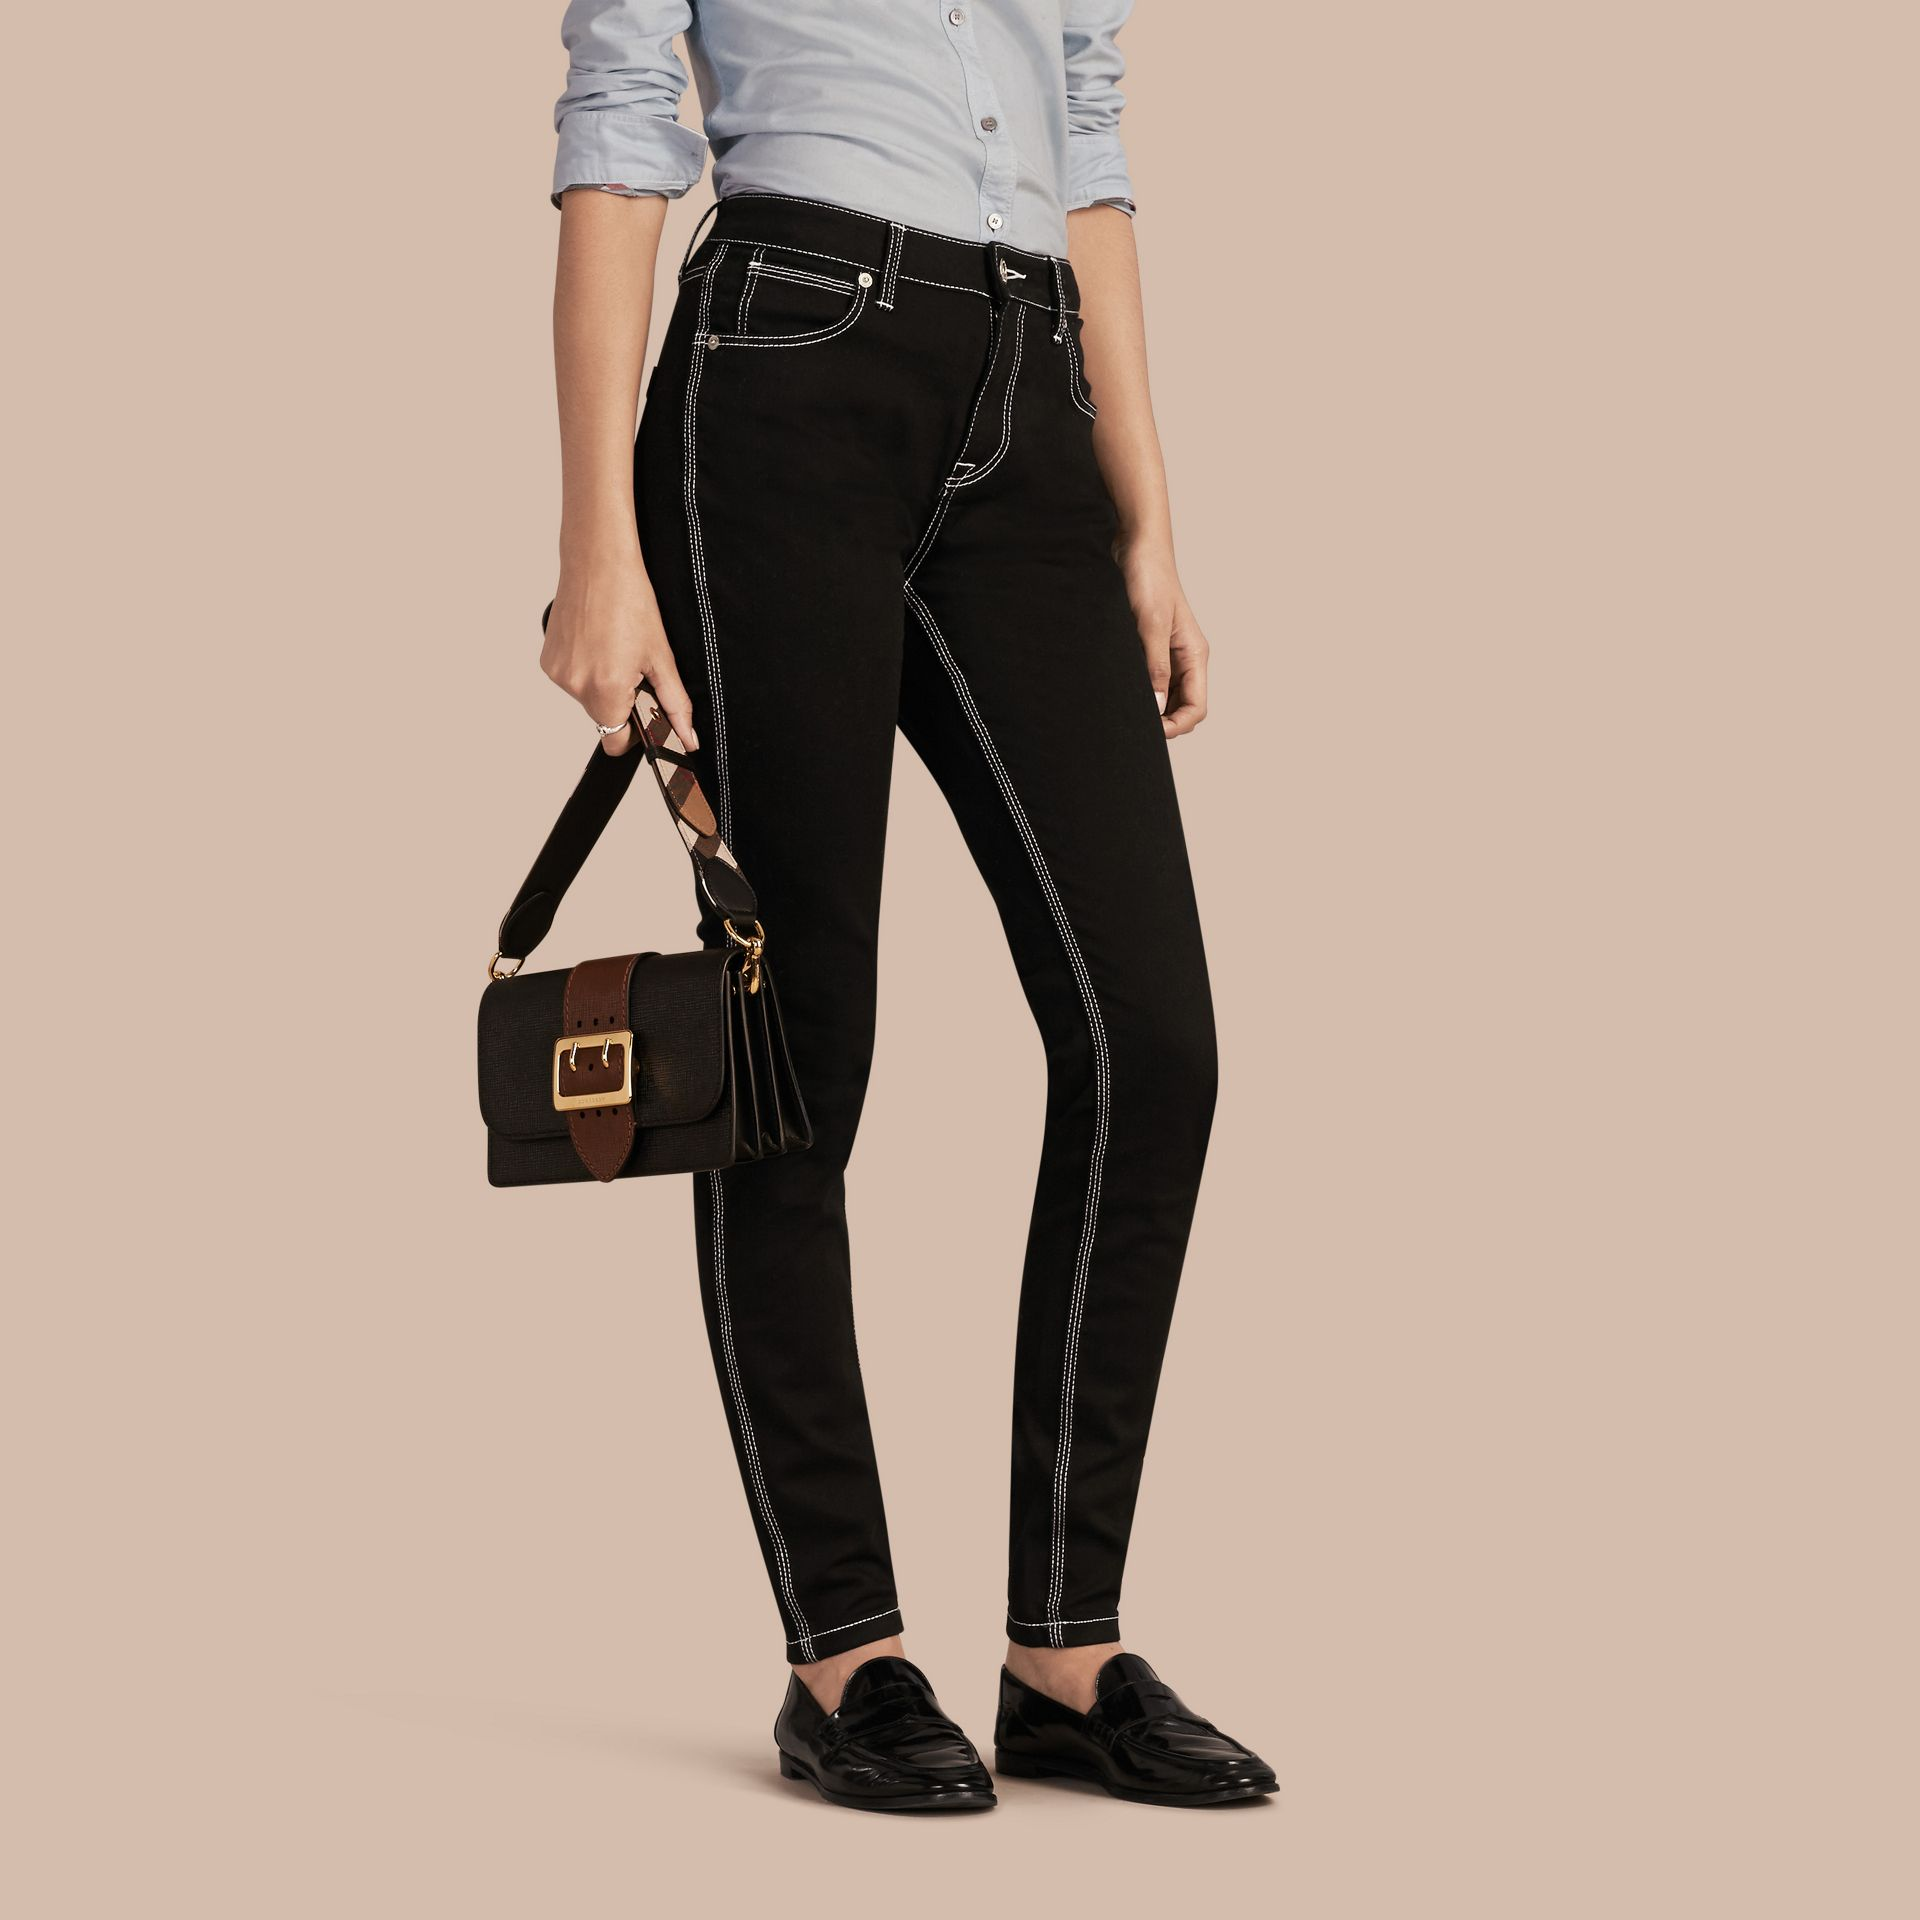 Schwarz Skinny-Jeans aus Stretchdenim mit kontrastierenden Steppnähten - Galerie-Bild 1